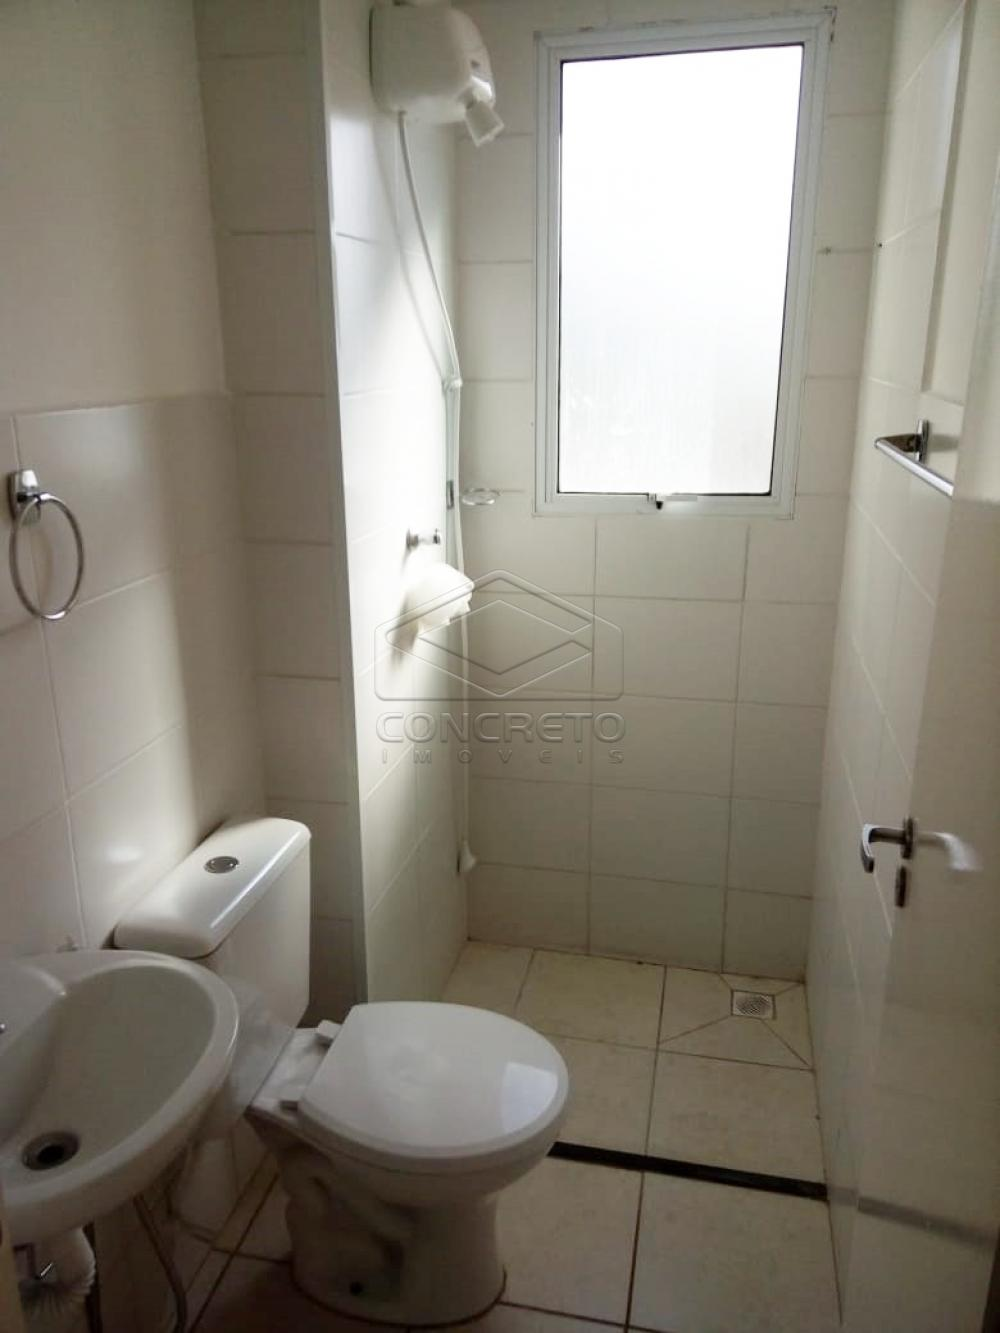 Comprar Apartamento / Padrão em Jaú apenas R$ 140.000,00 - Foto 6